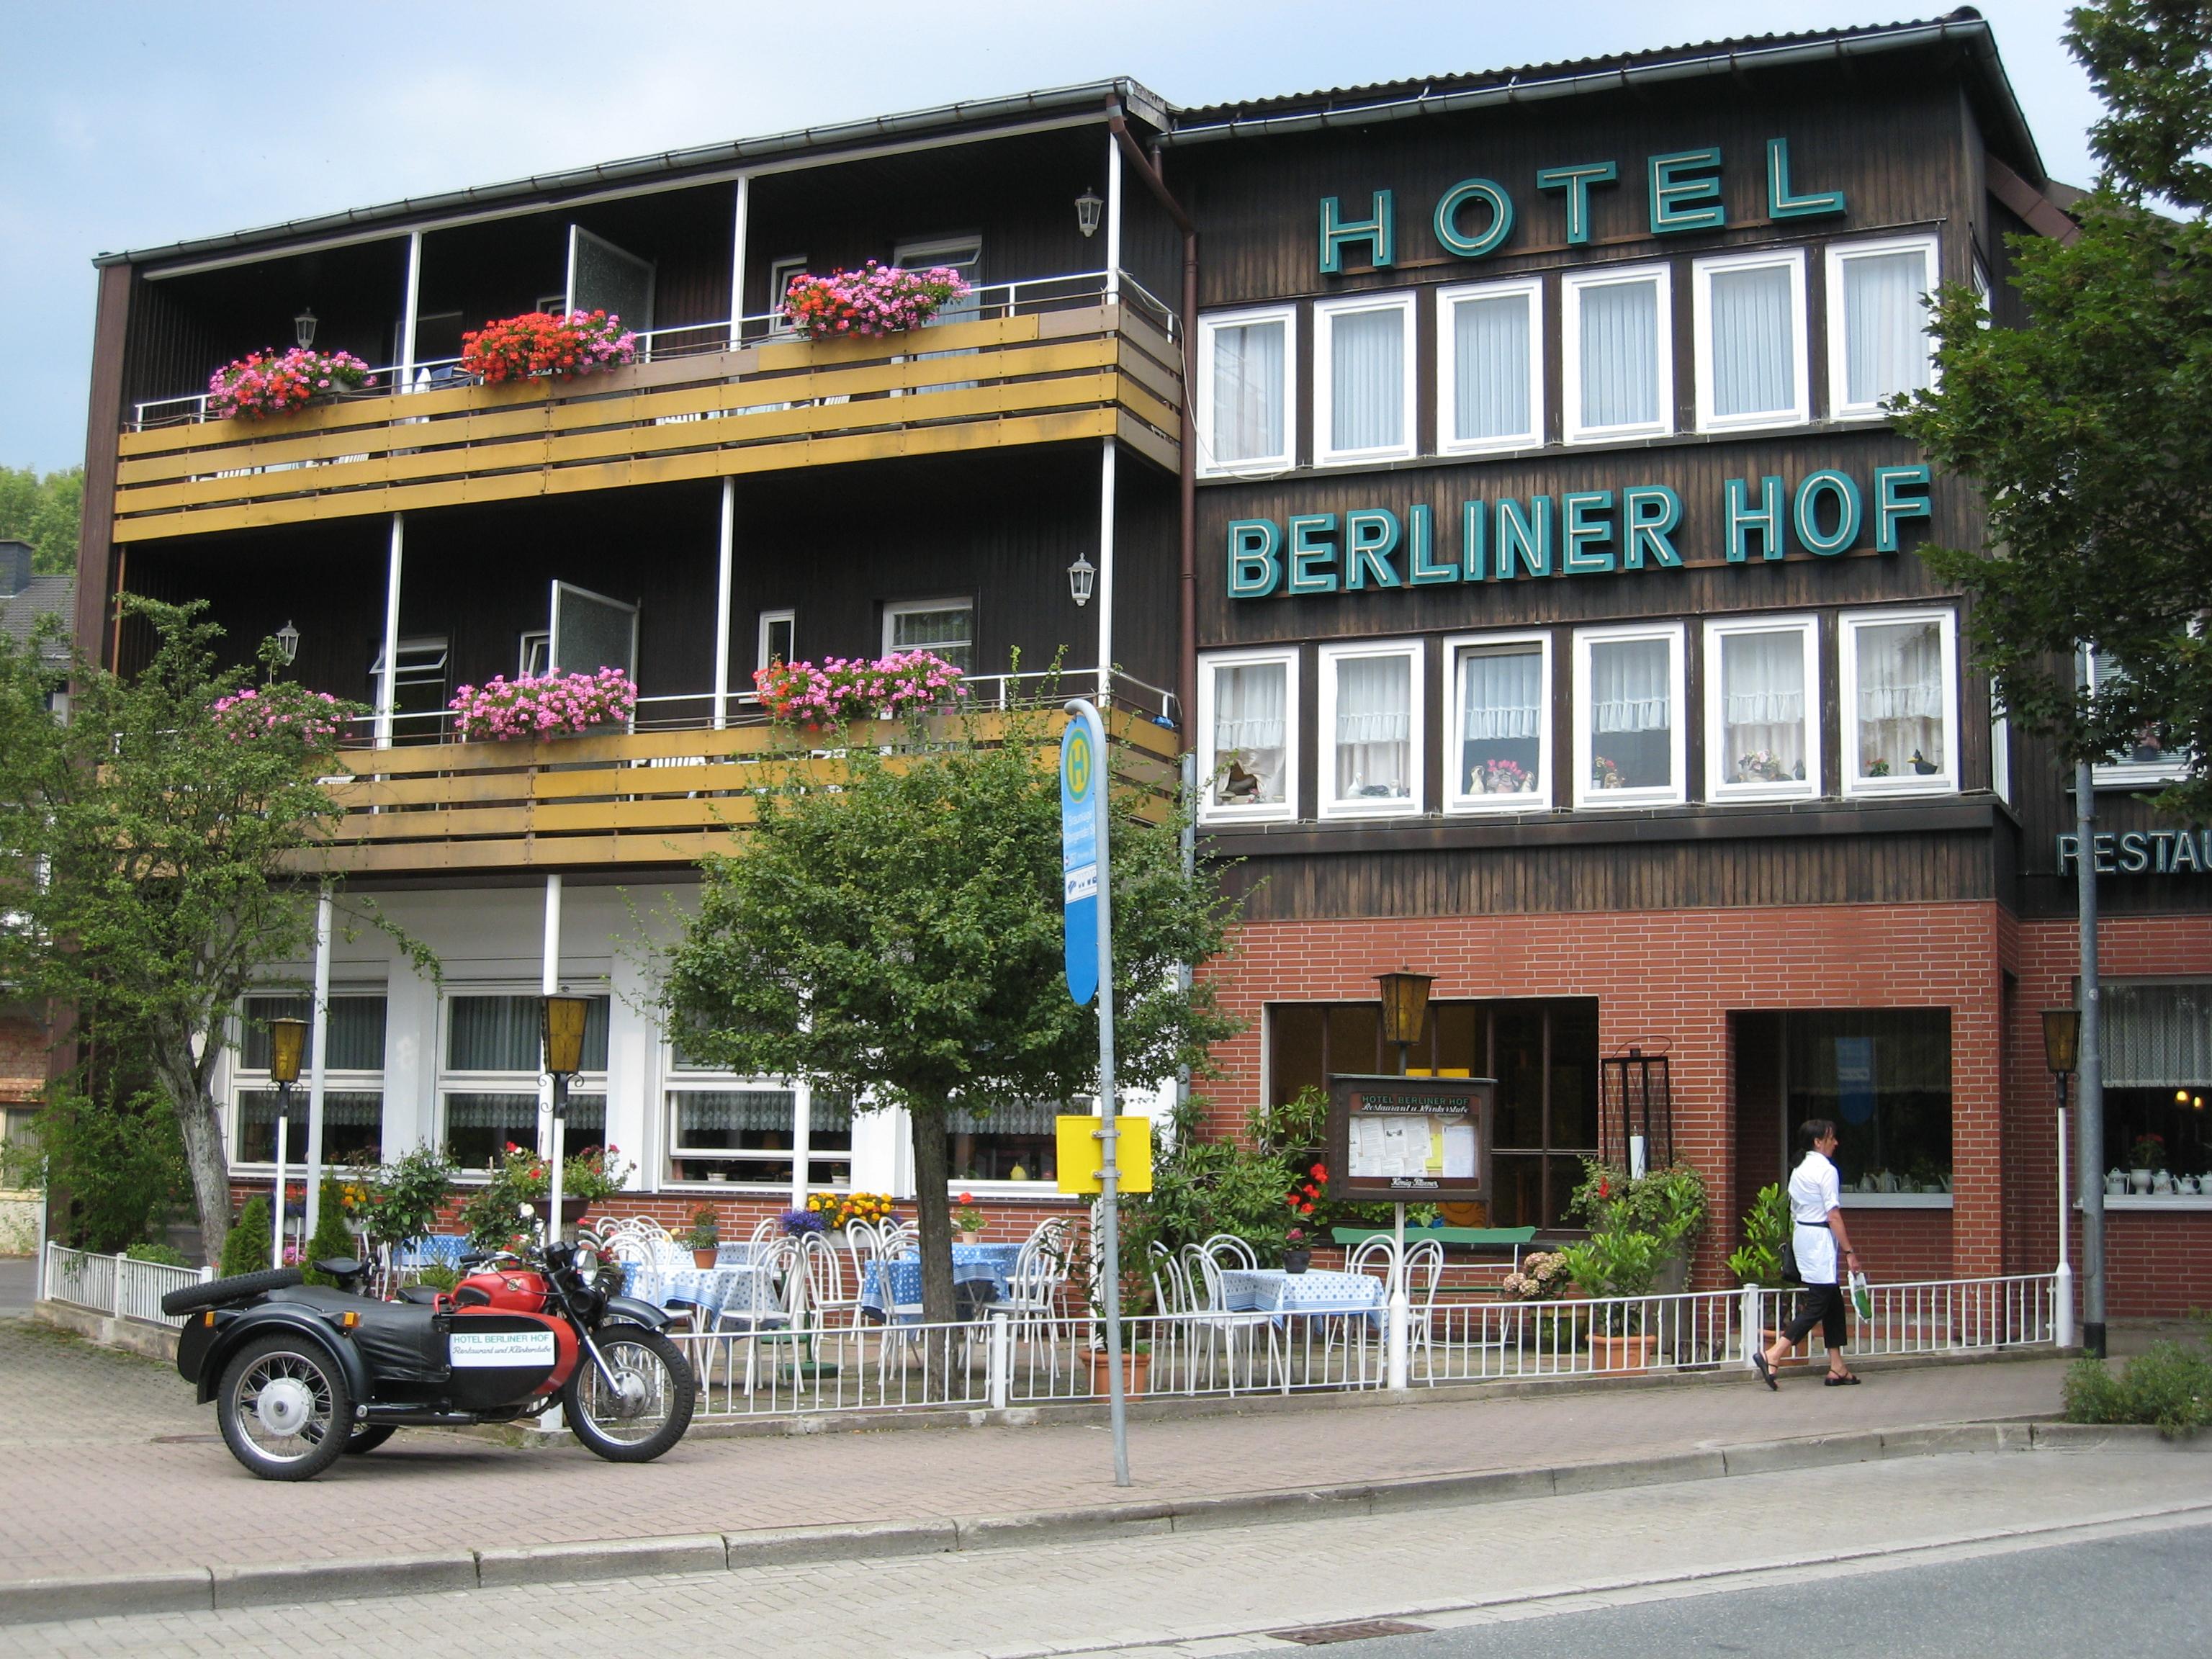 Hotel Berliner Hof Berlin